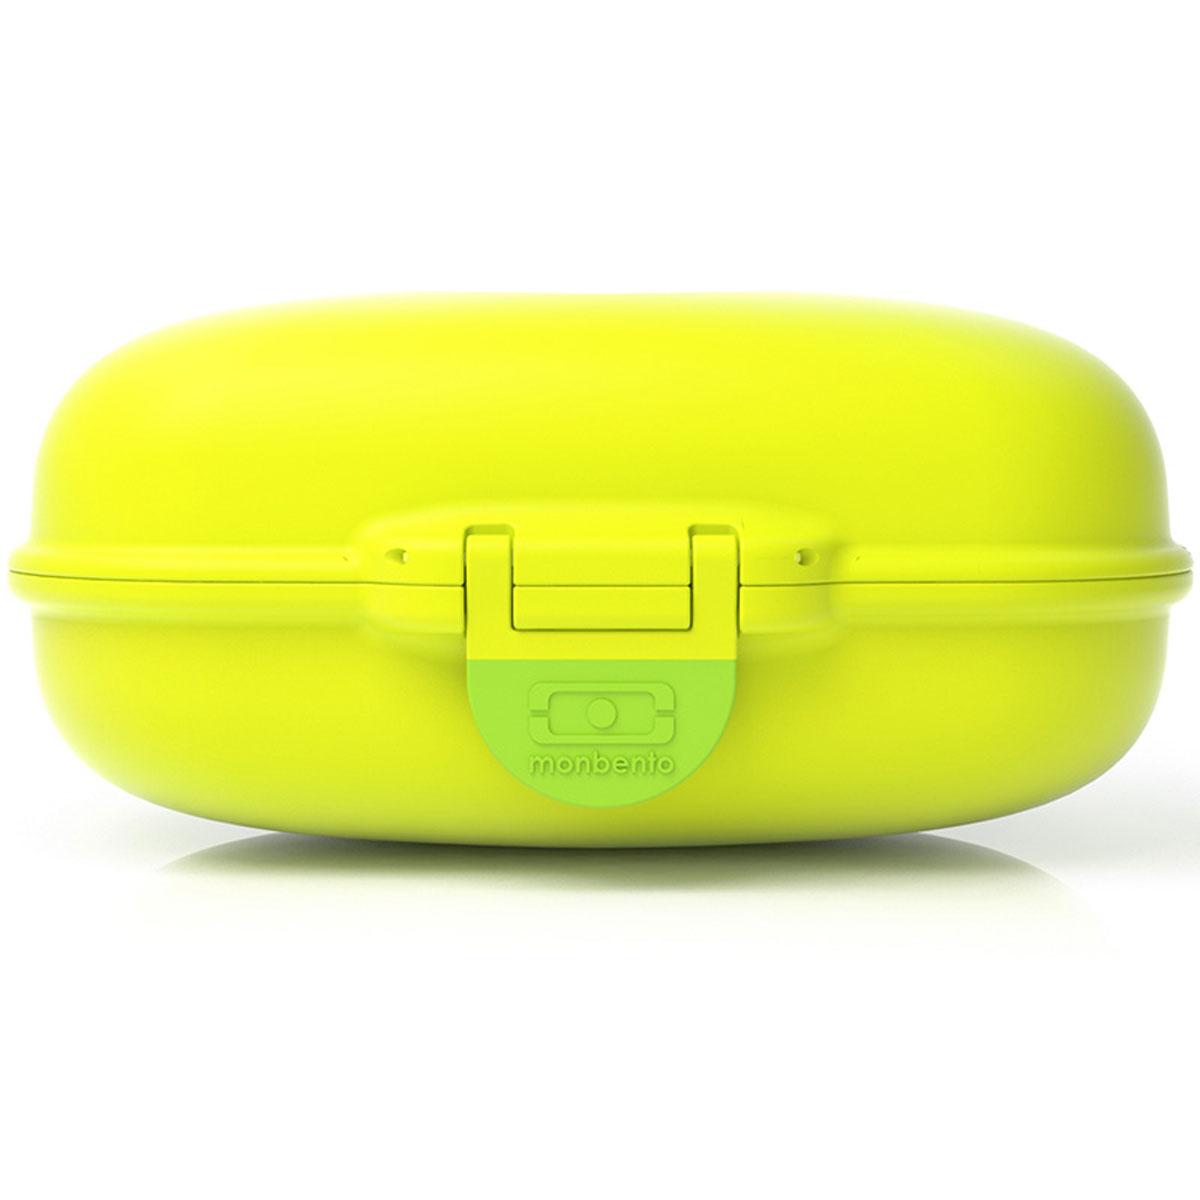 Ланчбокс Monbento Gram, цвет: киви, 600 мл3000 02 055Ланчбокс Monbento Gram изготовлен из высококачественного пищевого пластика. Предназначен для хранения и переноски пищевых продуктов. Ланчбокс плотно закрывается на защелку. Компактные размеры позволят хранить его в любой сумке. Ланчбокс удобно взять с собой на работу, отдых, в поездку. Теперь любимая домашняя еда всегда будет под рукой, а яркий дизайн поднимет настроение и подарит заряд позитива.